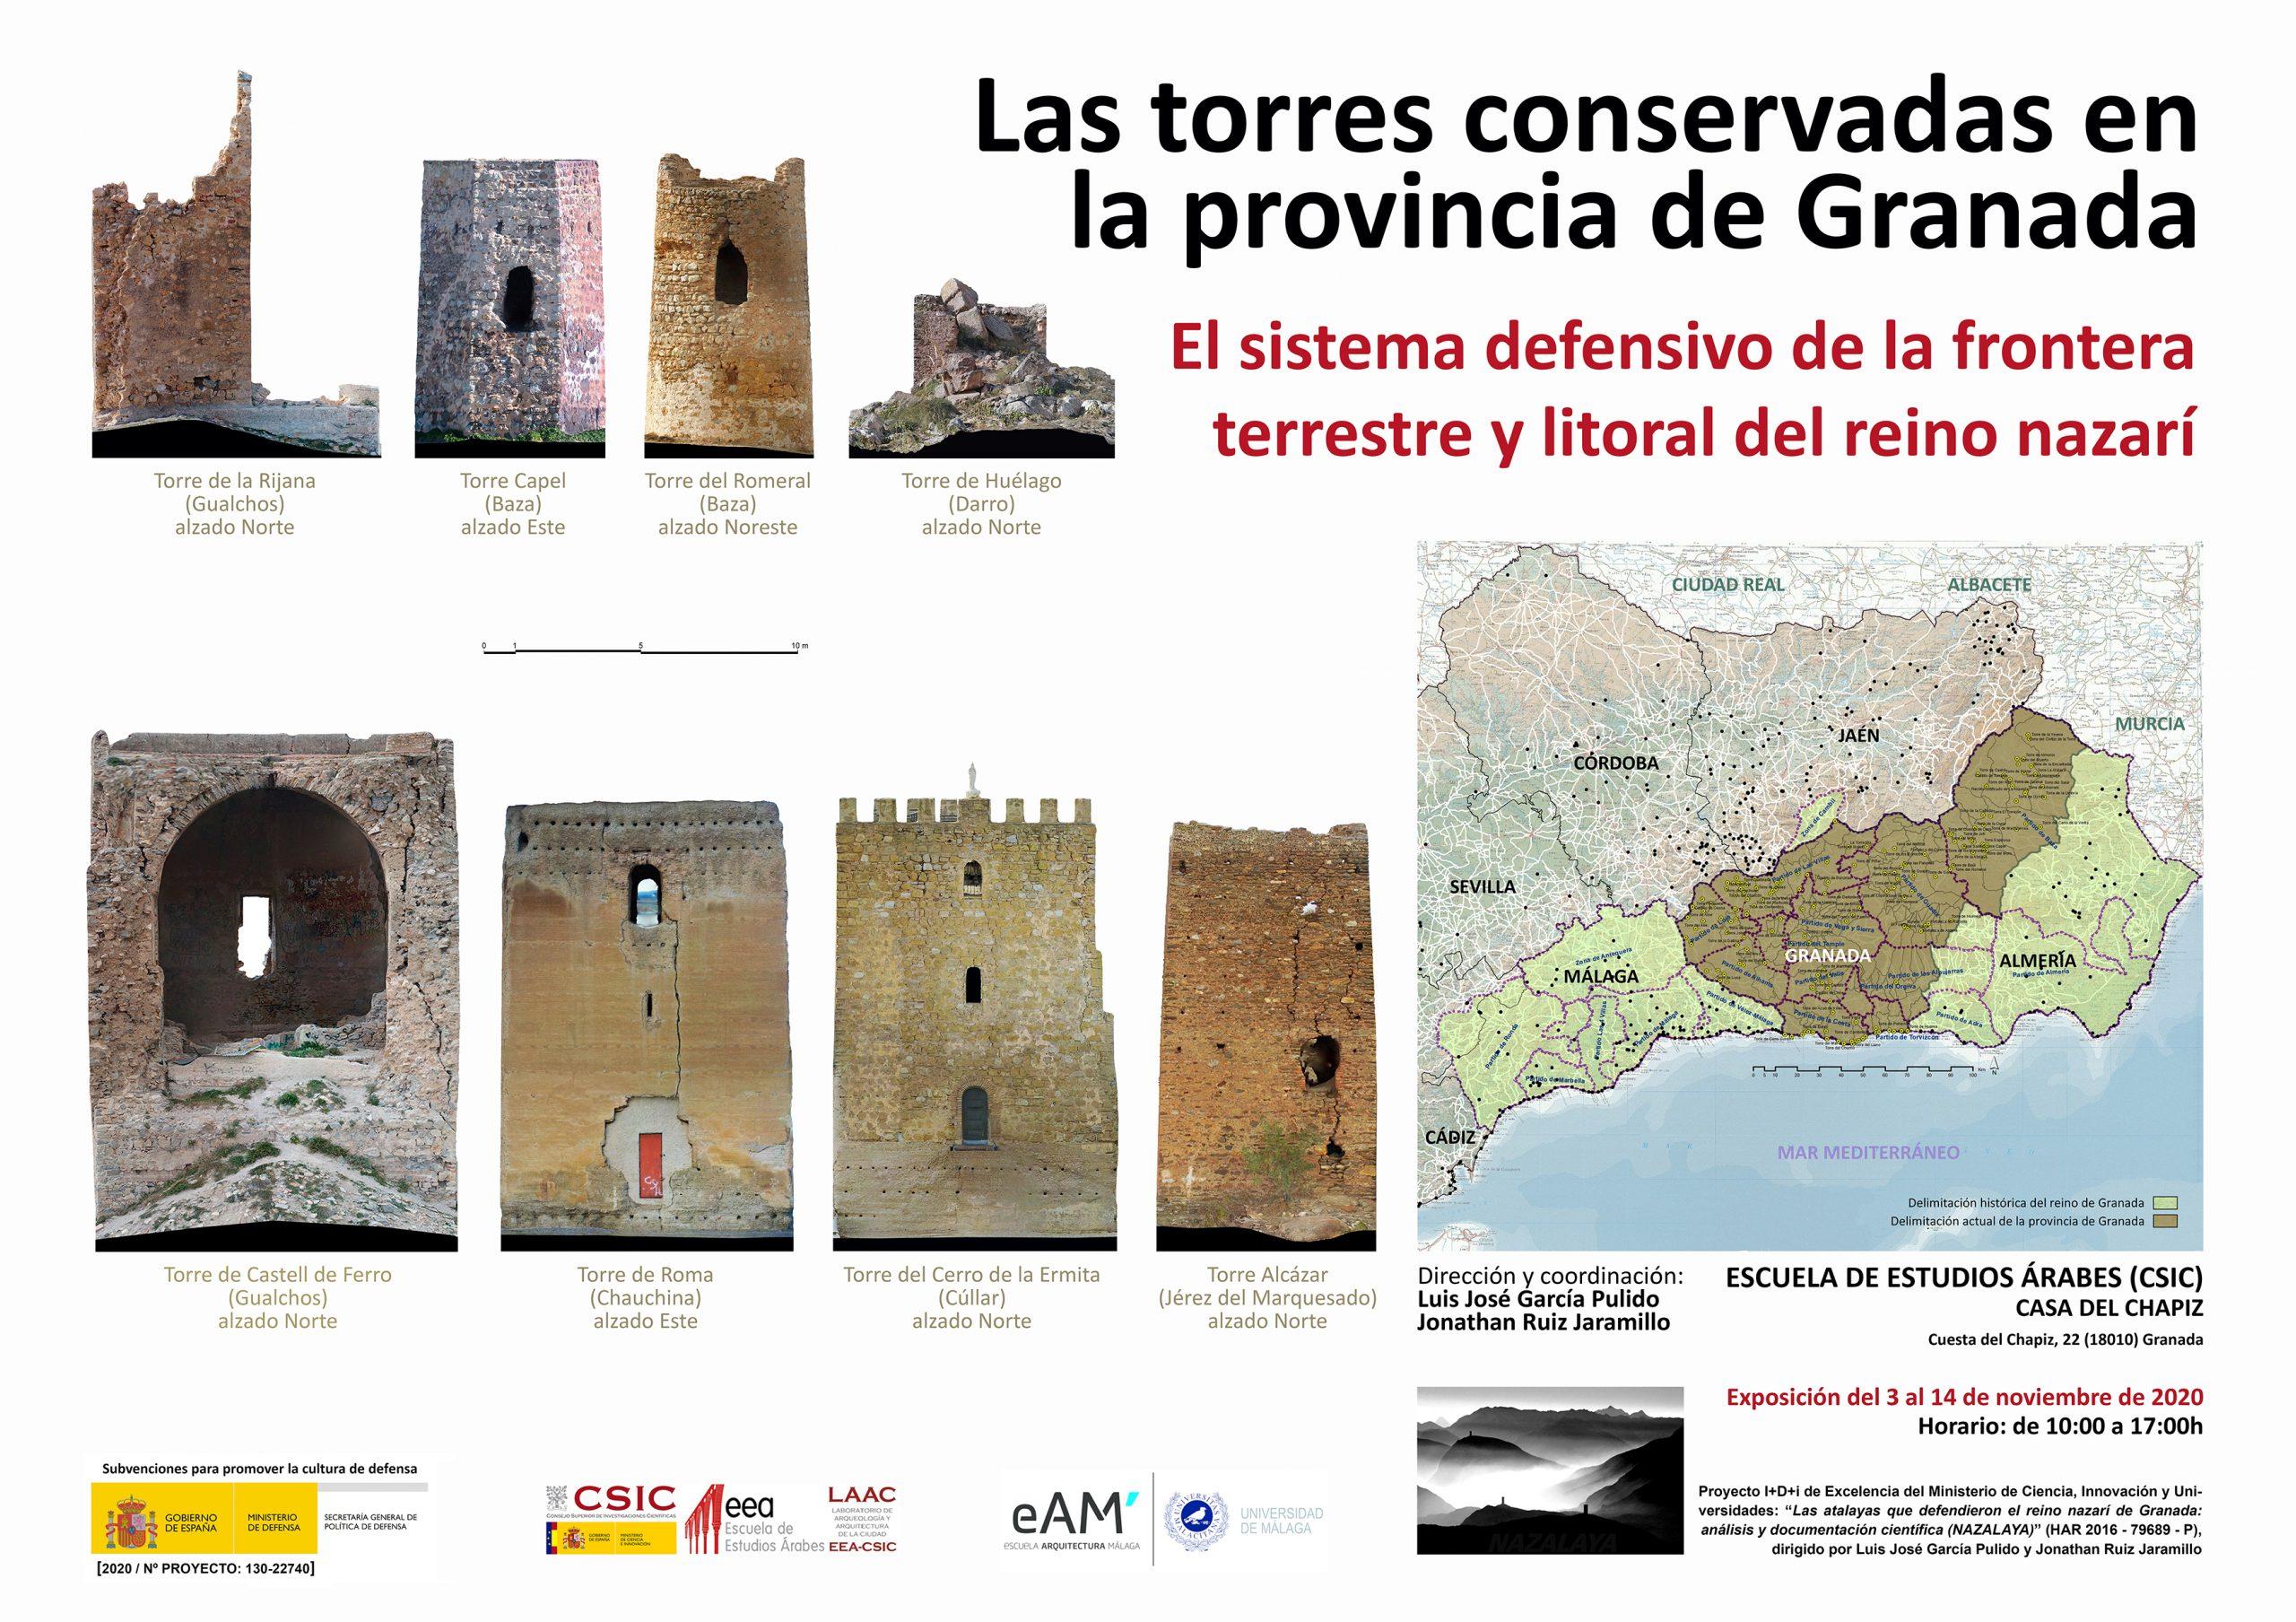 Exposición: Las torres conservadas en la provincia de Granada.